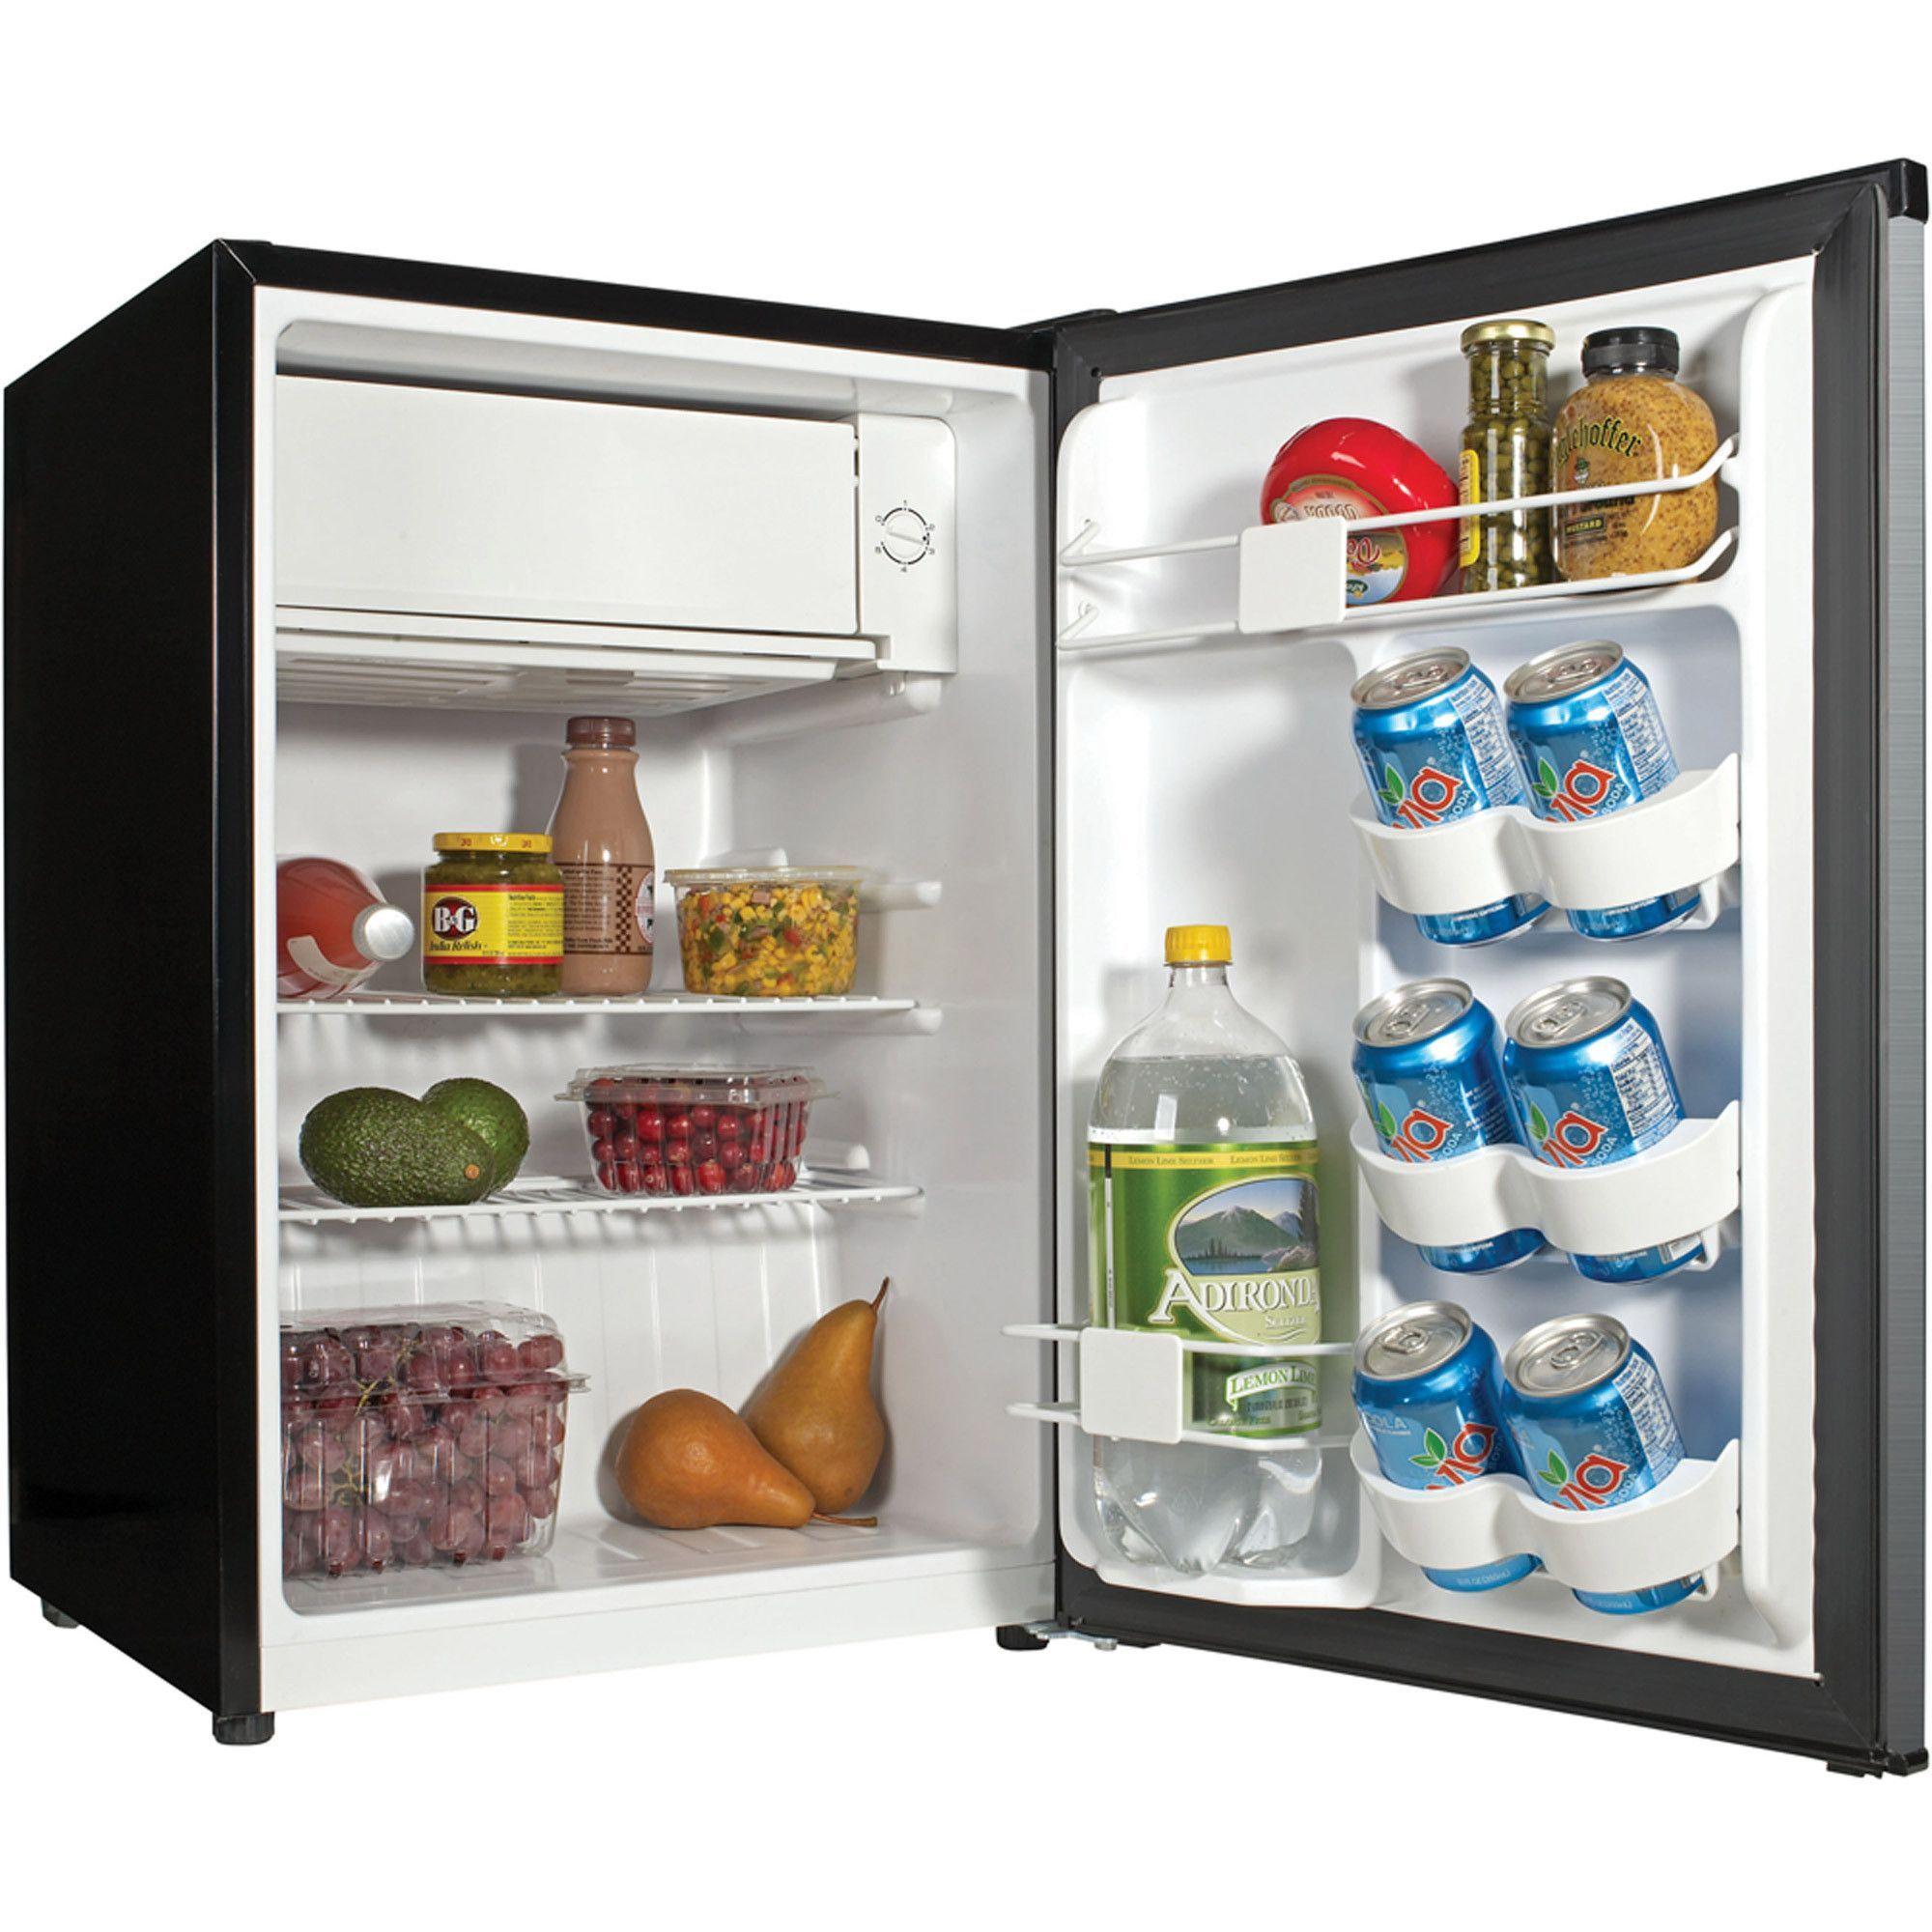 Small Mini Dorm Room Size Refrigerator For College Small Apartment Dorm Fridge Small Dorm Small Refrigerator